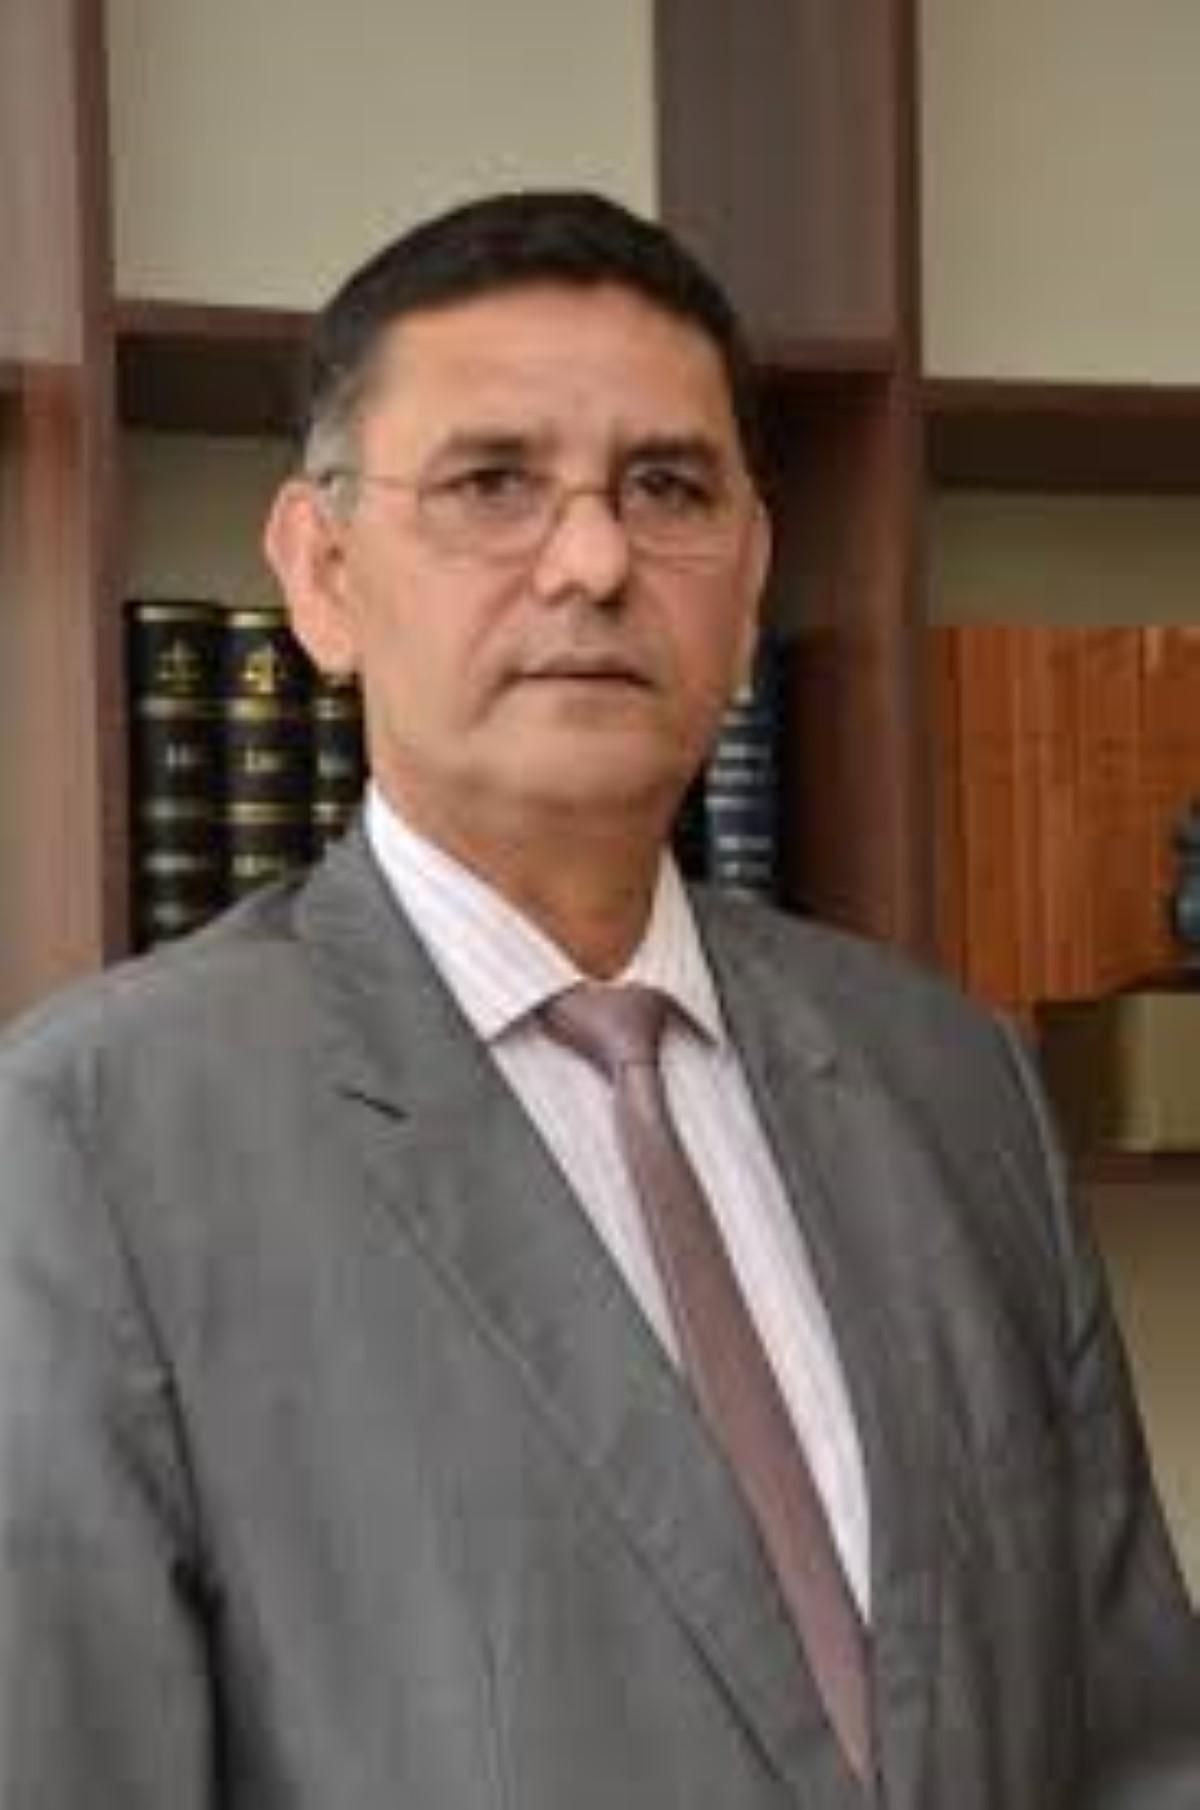 L'avoué Jaykur Gujadhur fait l'objet d'une plainte